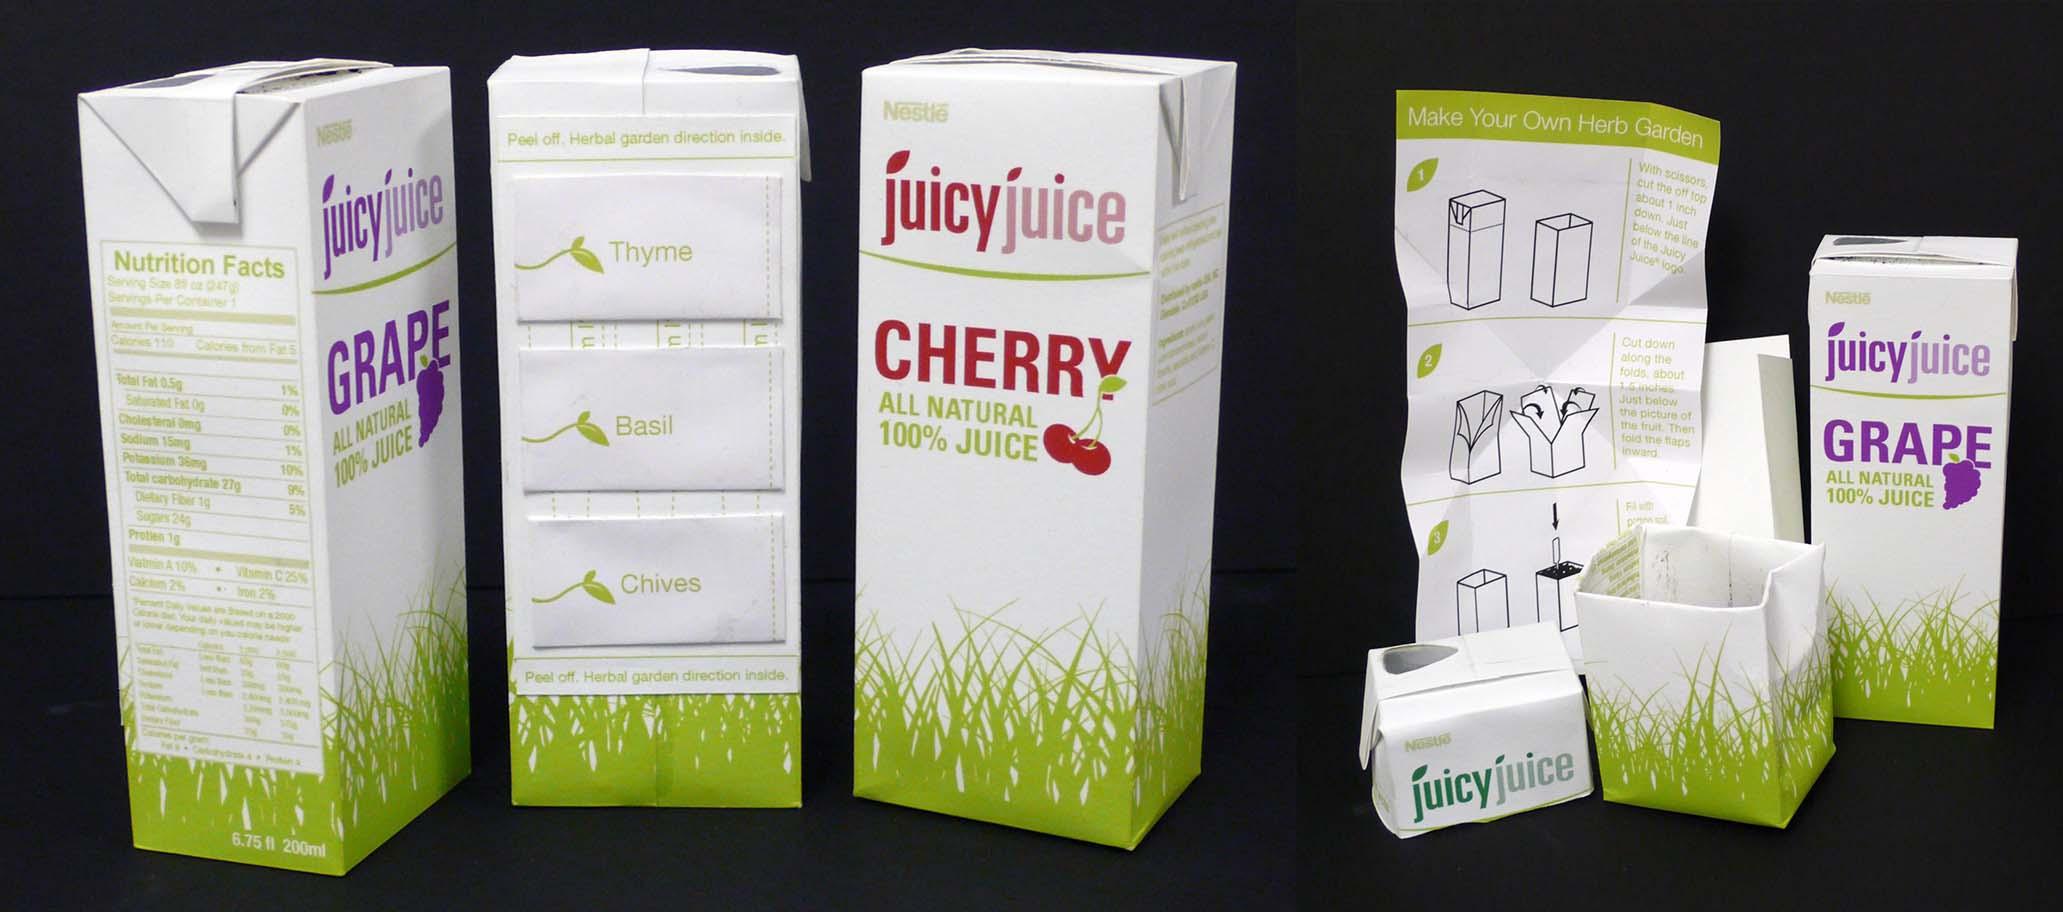 Juicy Juice redesign